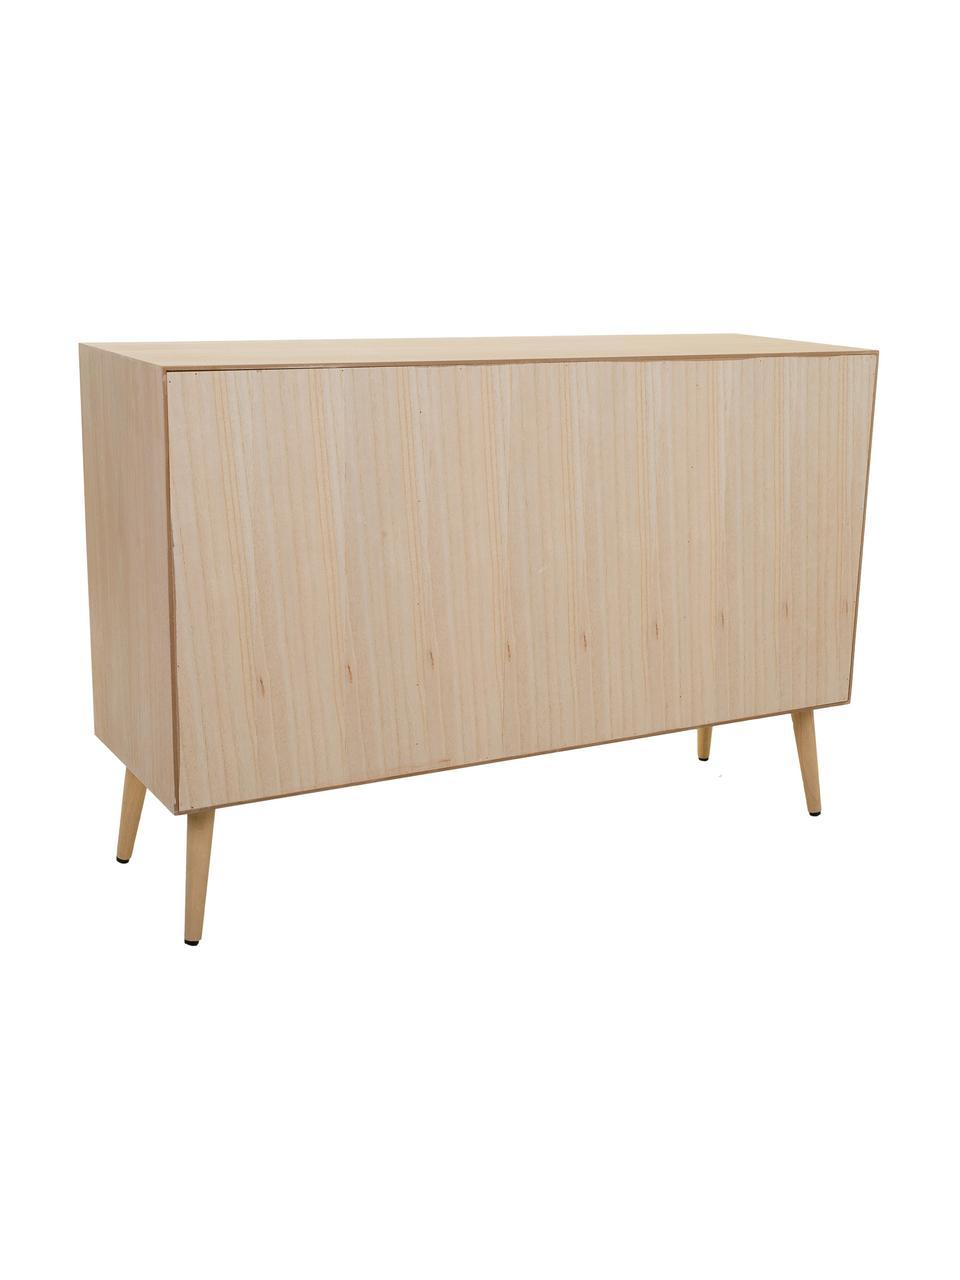 Komoda z drewna Cayetana, Korpus: płyta pilśniowa średniej , Nogi: drewno bambusowe, lakiero, Brązowy, S 120 x W 81 cm